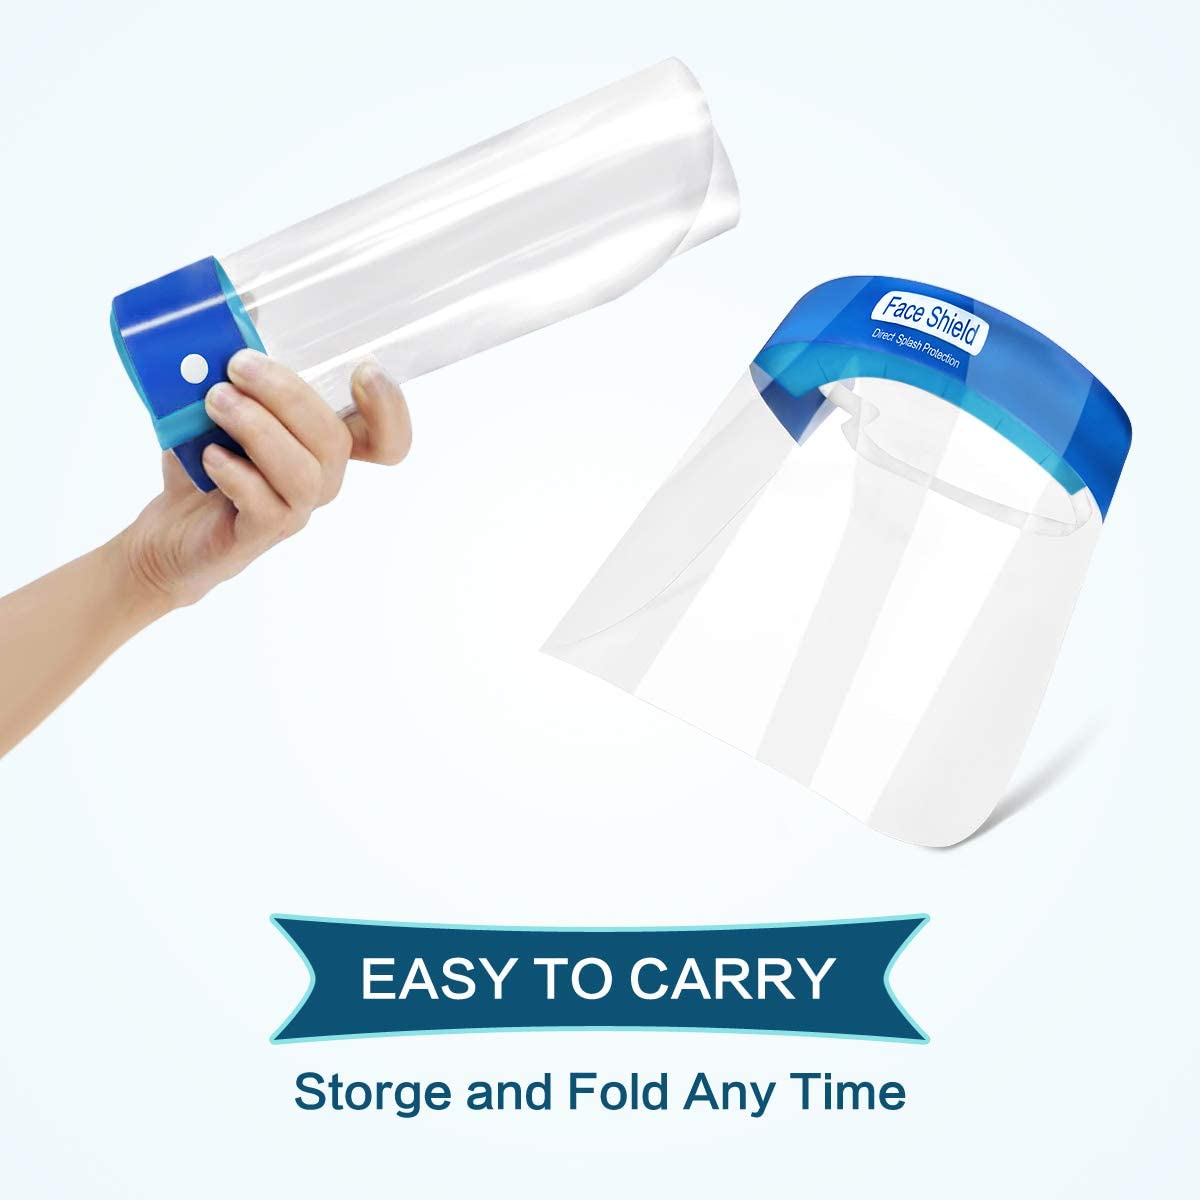 Face Shields Gesichtsschutz Sch/ützen Sie Augen und Gesicht mit einem elastischen Schutzfolienband und einem Komfortschwamm Visier aus Kunststoff 10 Packungen